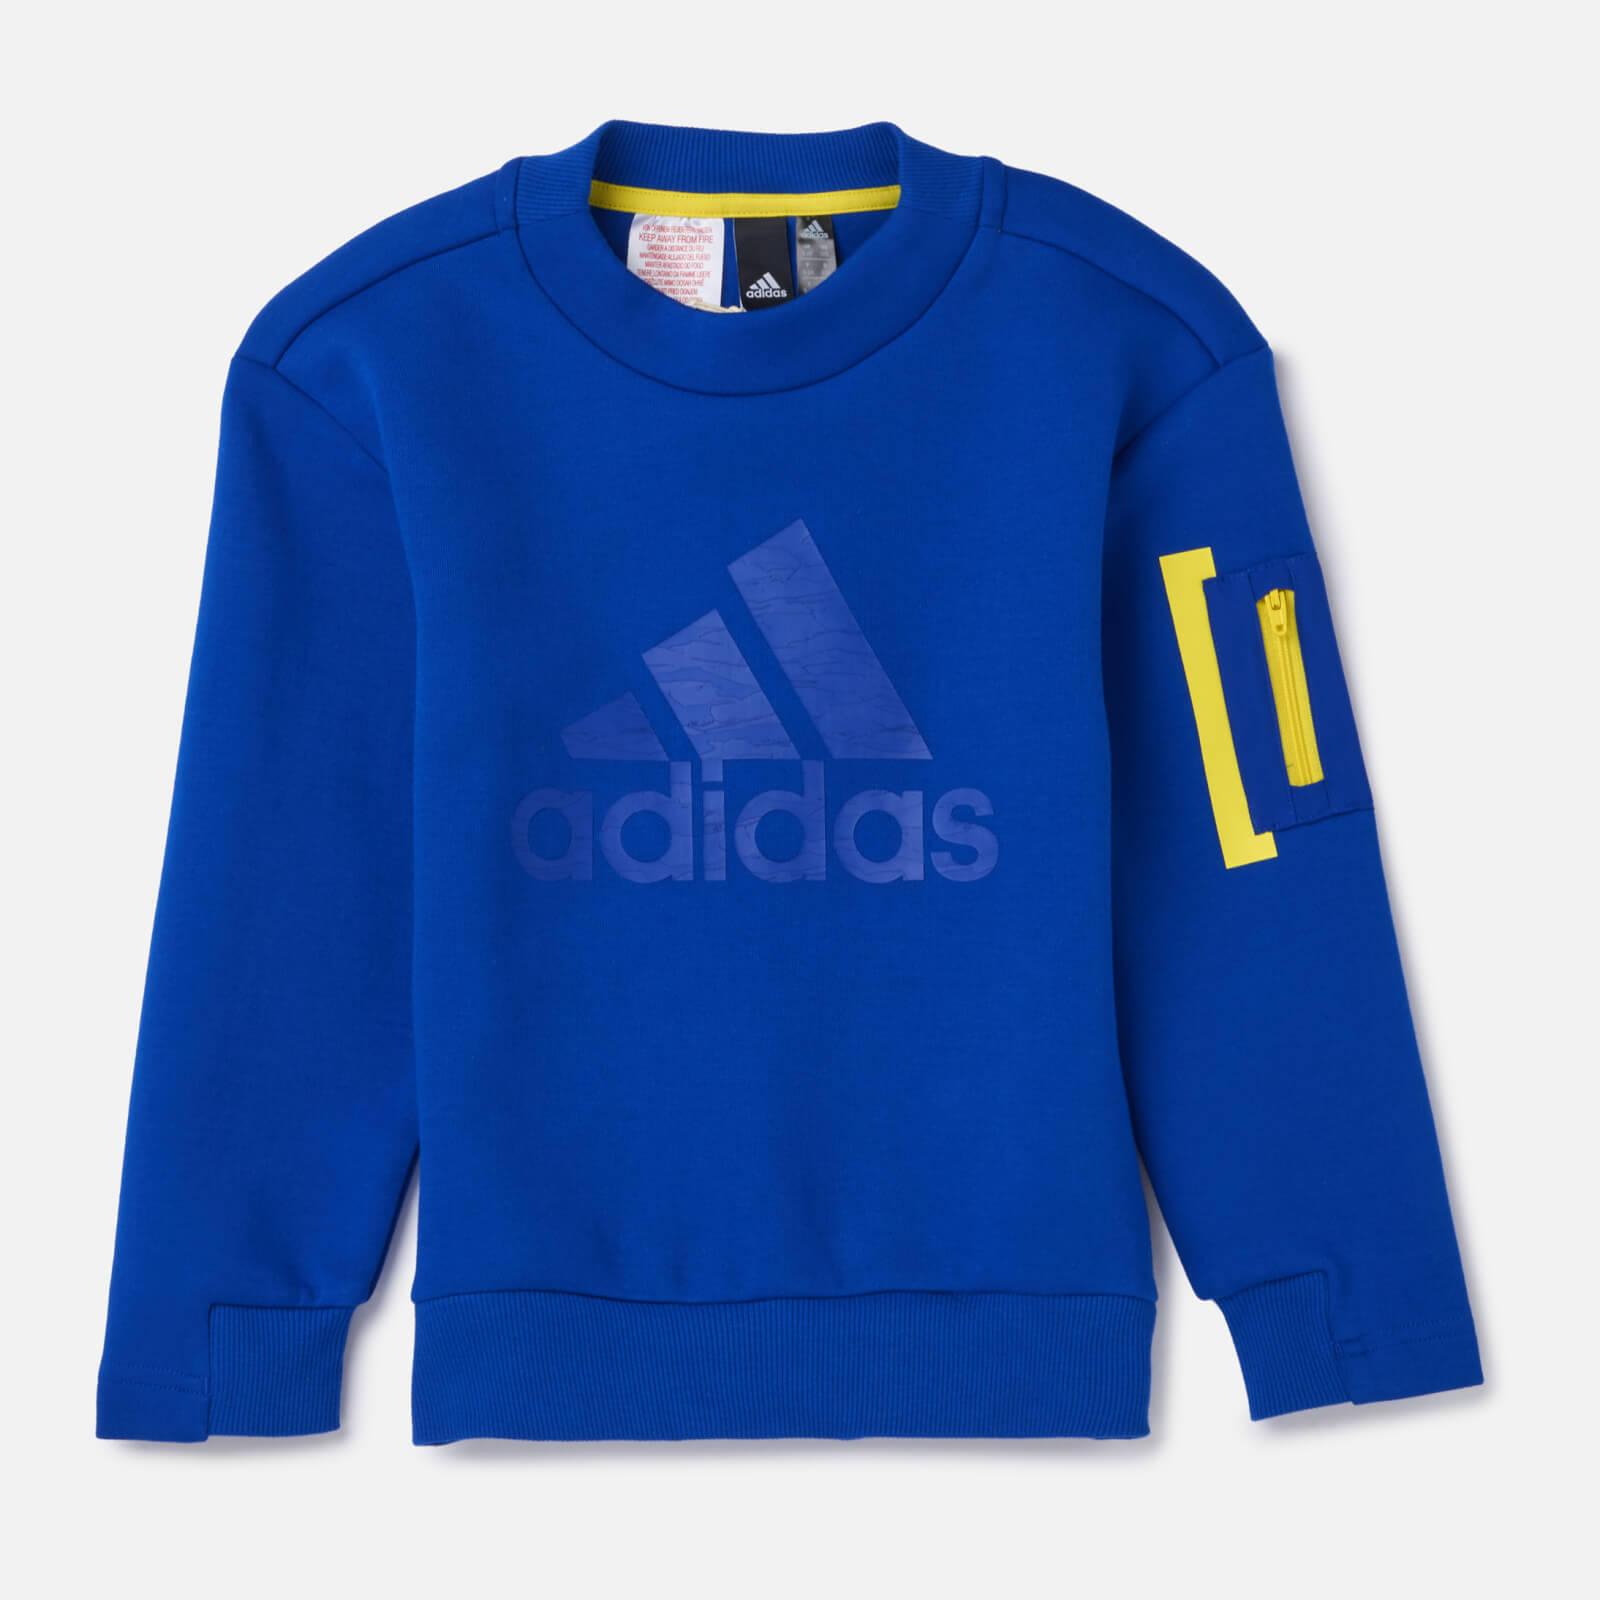 adidas Young Boy ID SPCR Crew Neck Sweatshirt - Blue - 7-8 Years - Blue